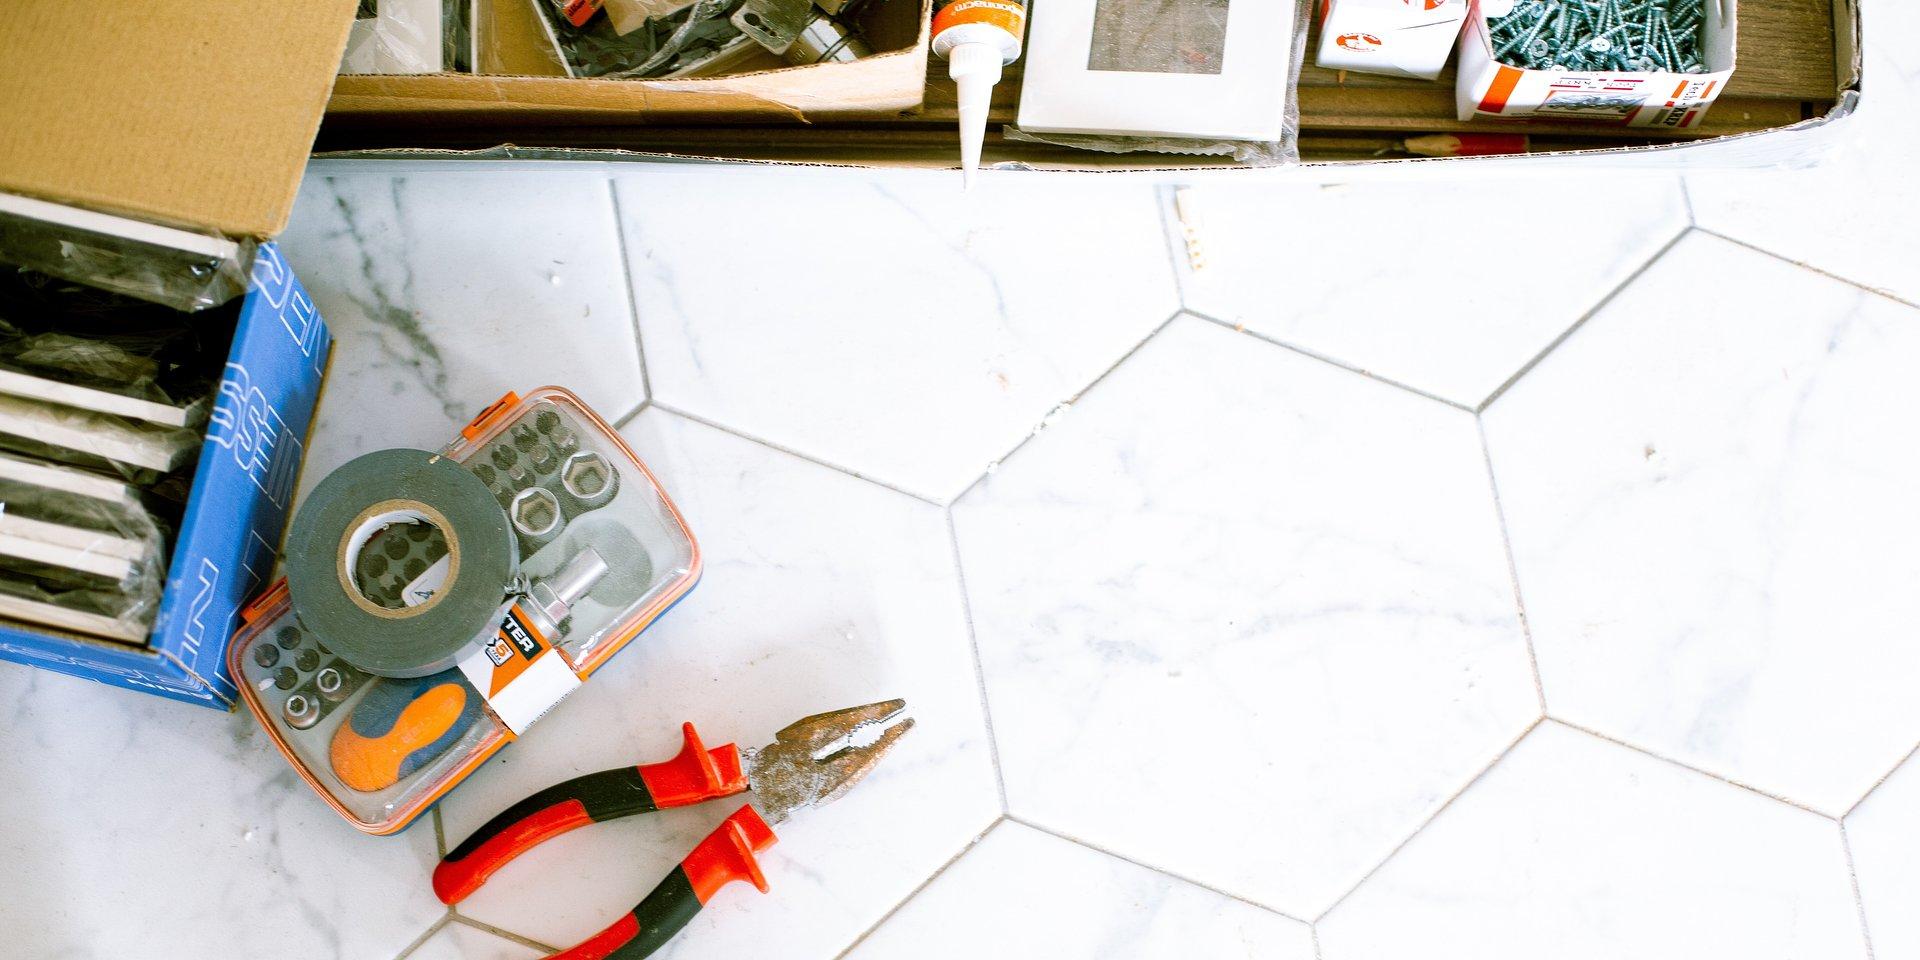 Raport: Jak wyglądają remonty w polskich domach?